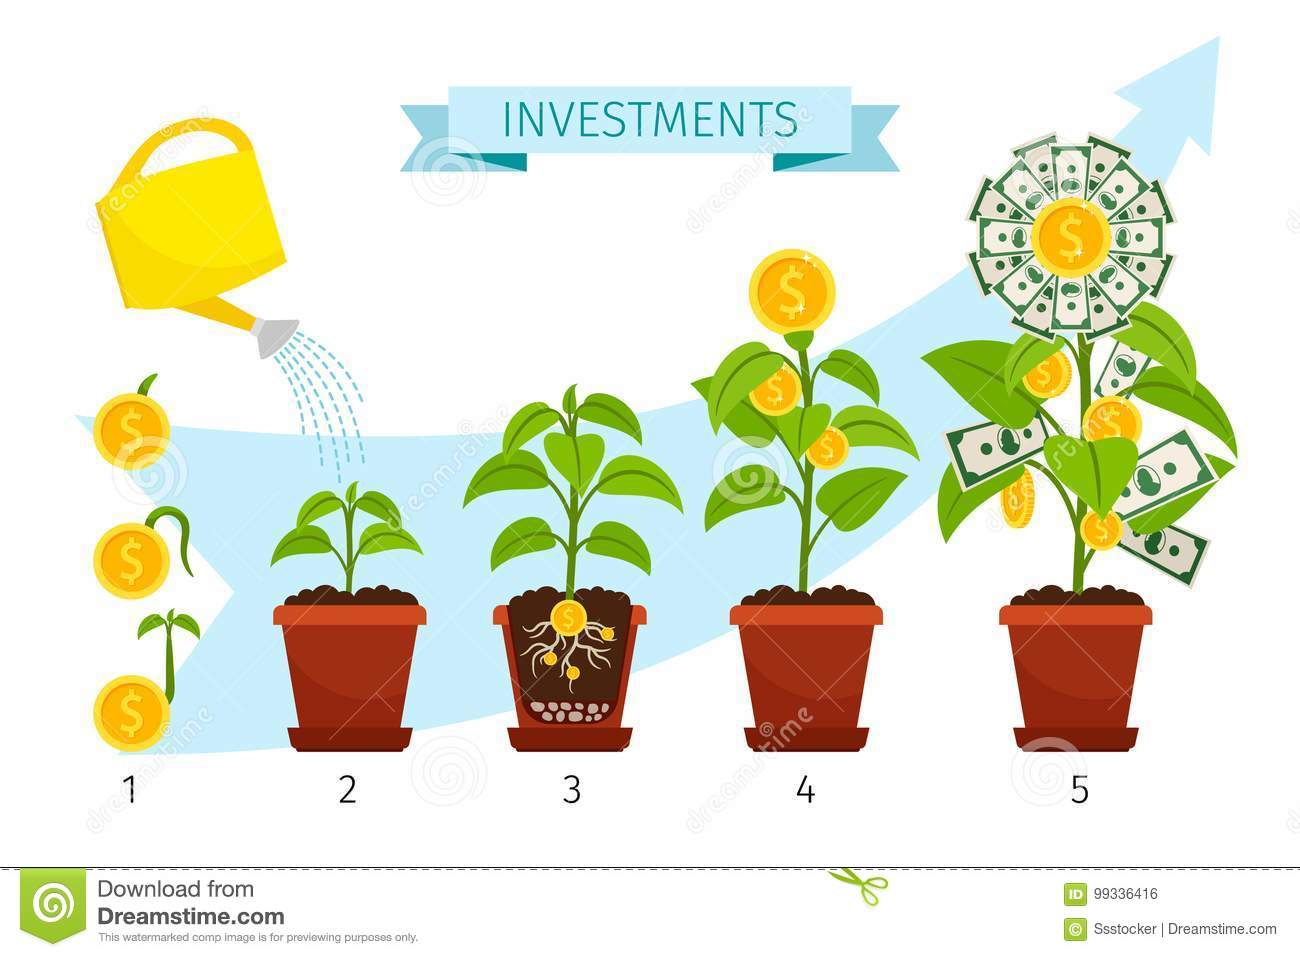 las-inversiones-procesan-con-el-crecimiento-del-%C3%A1rbol-dinero-99336416